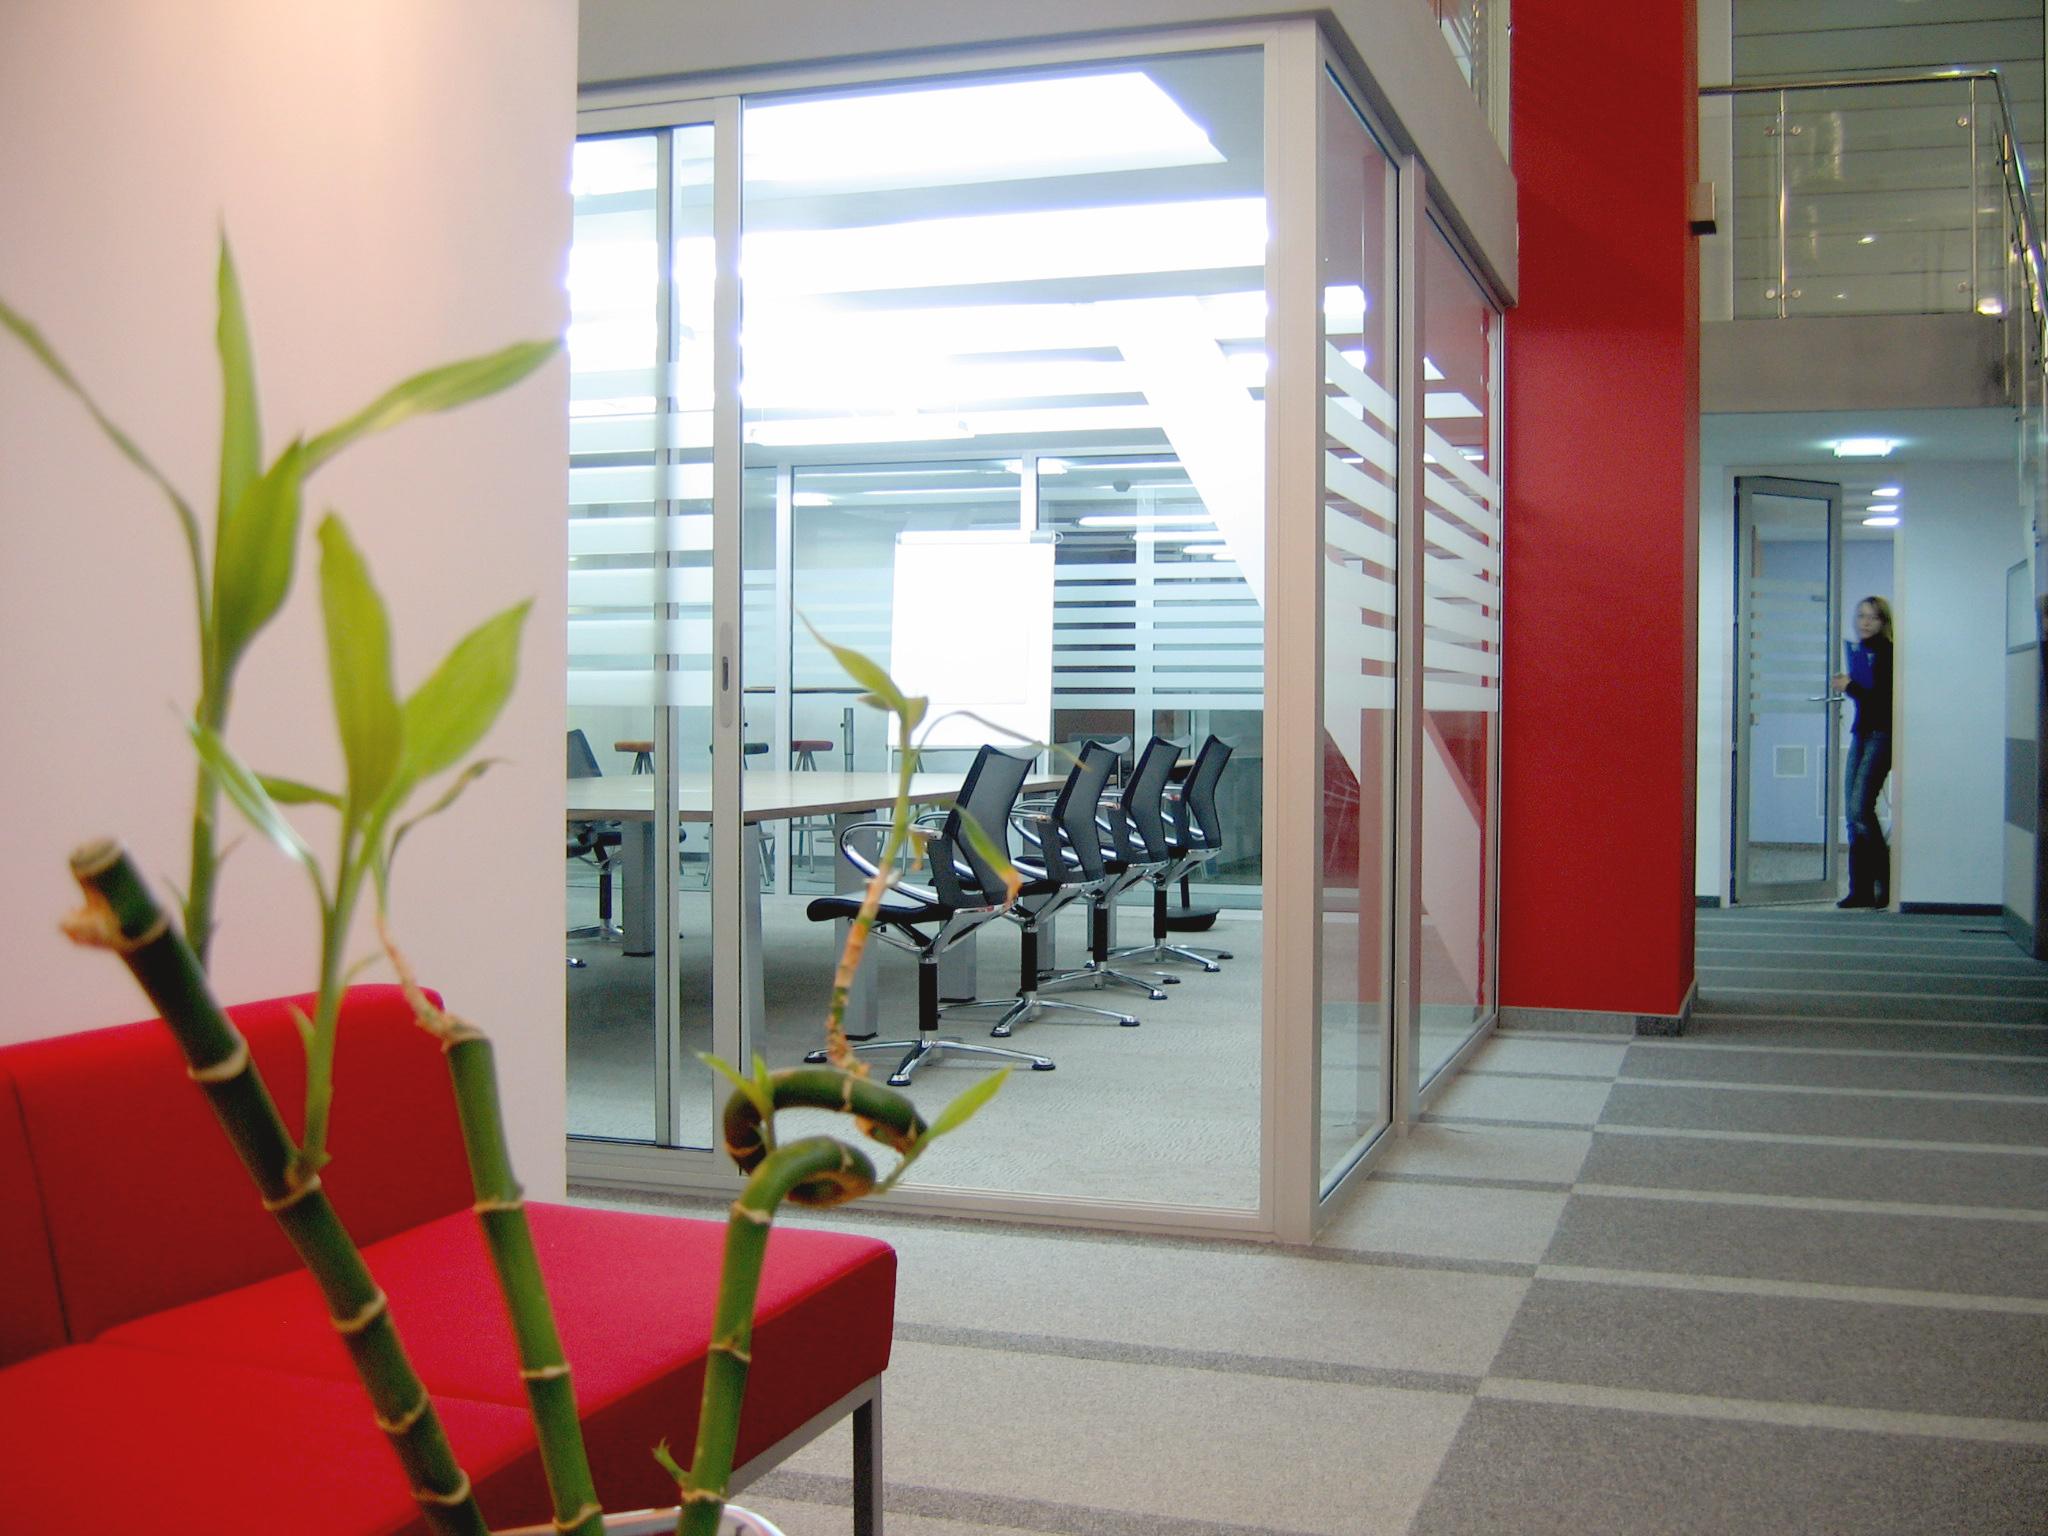 Офис в аренду г москва портал поиска помещений для офиса Кутузовская